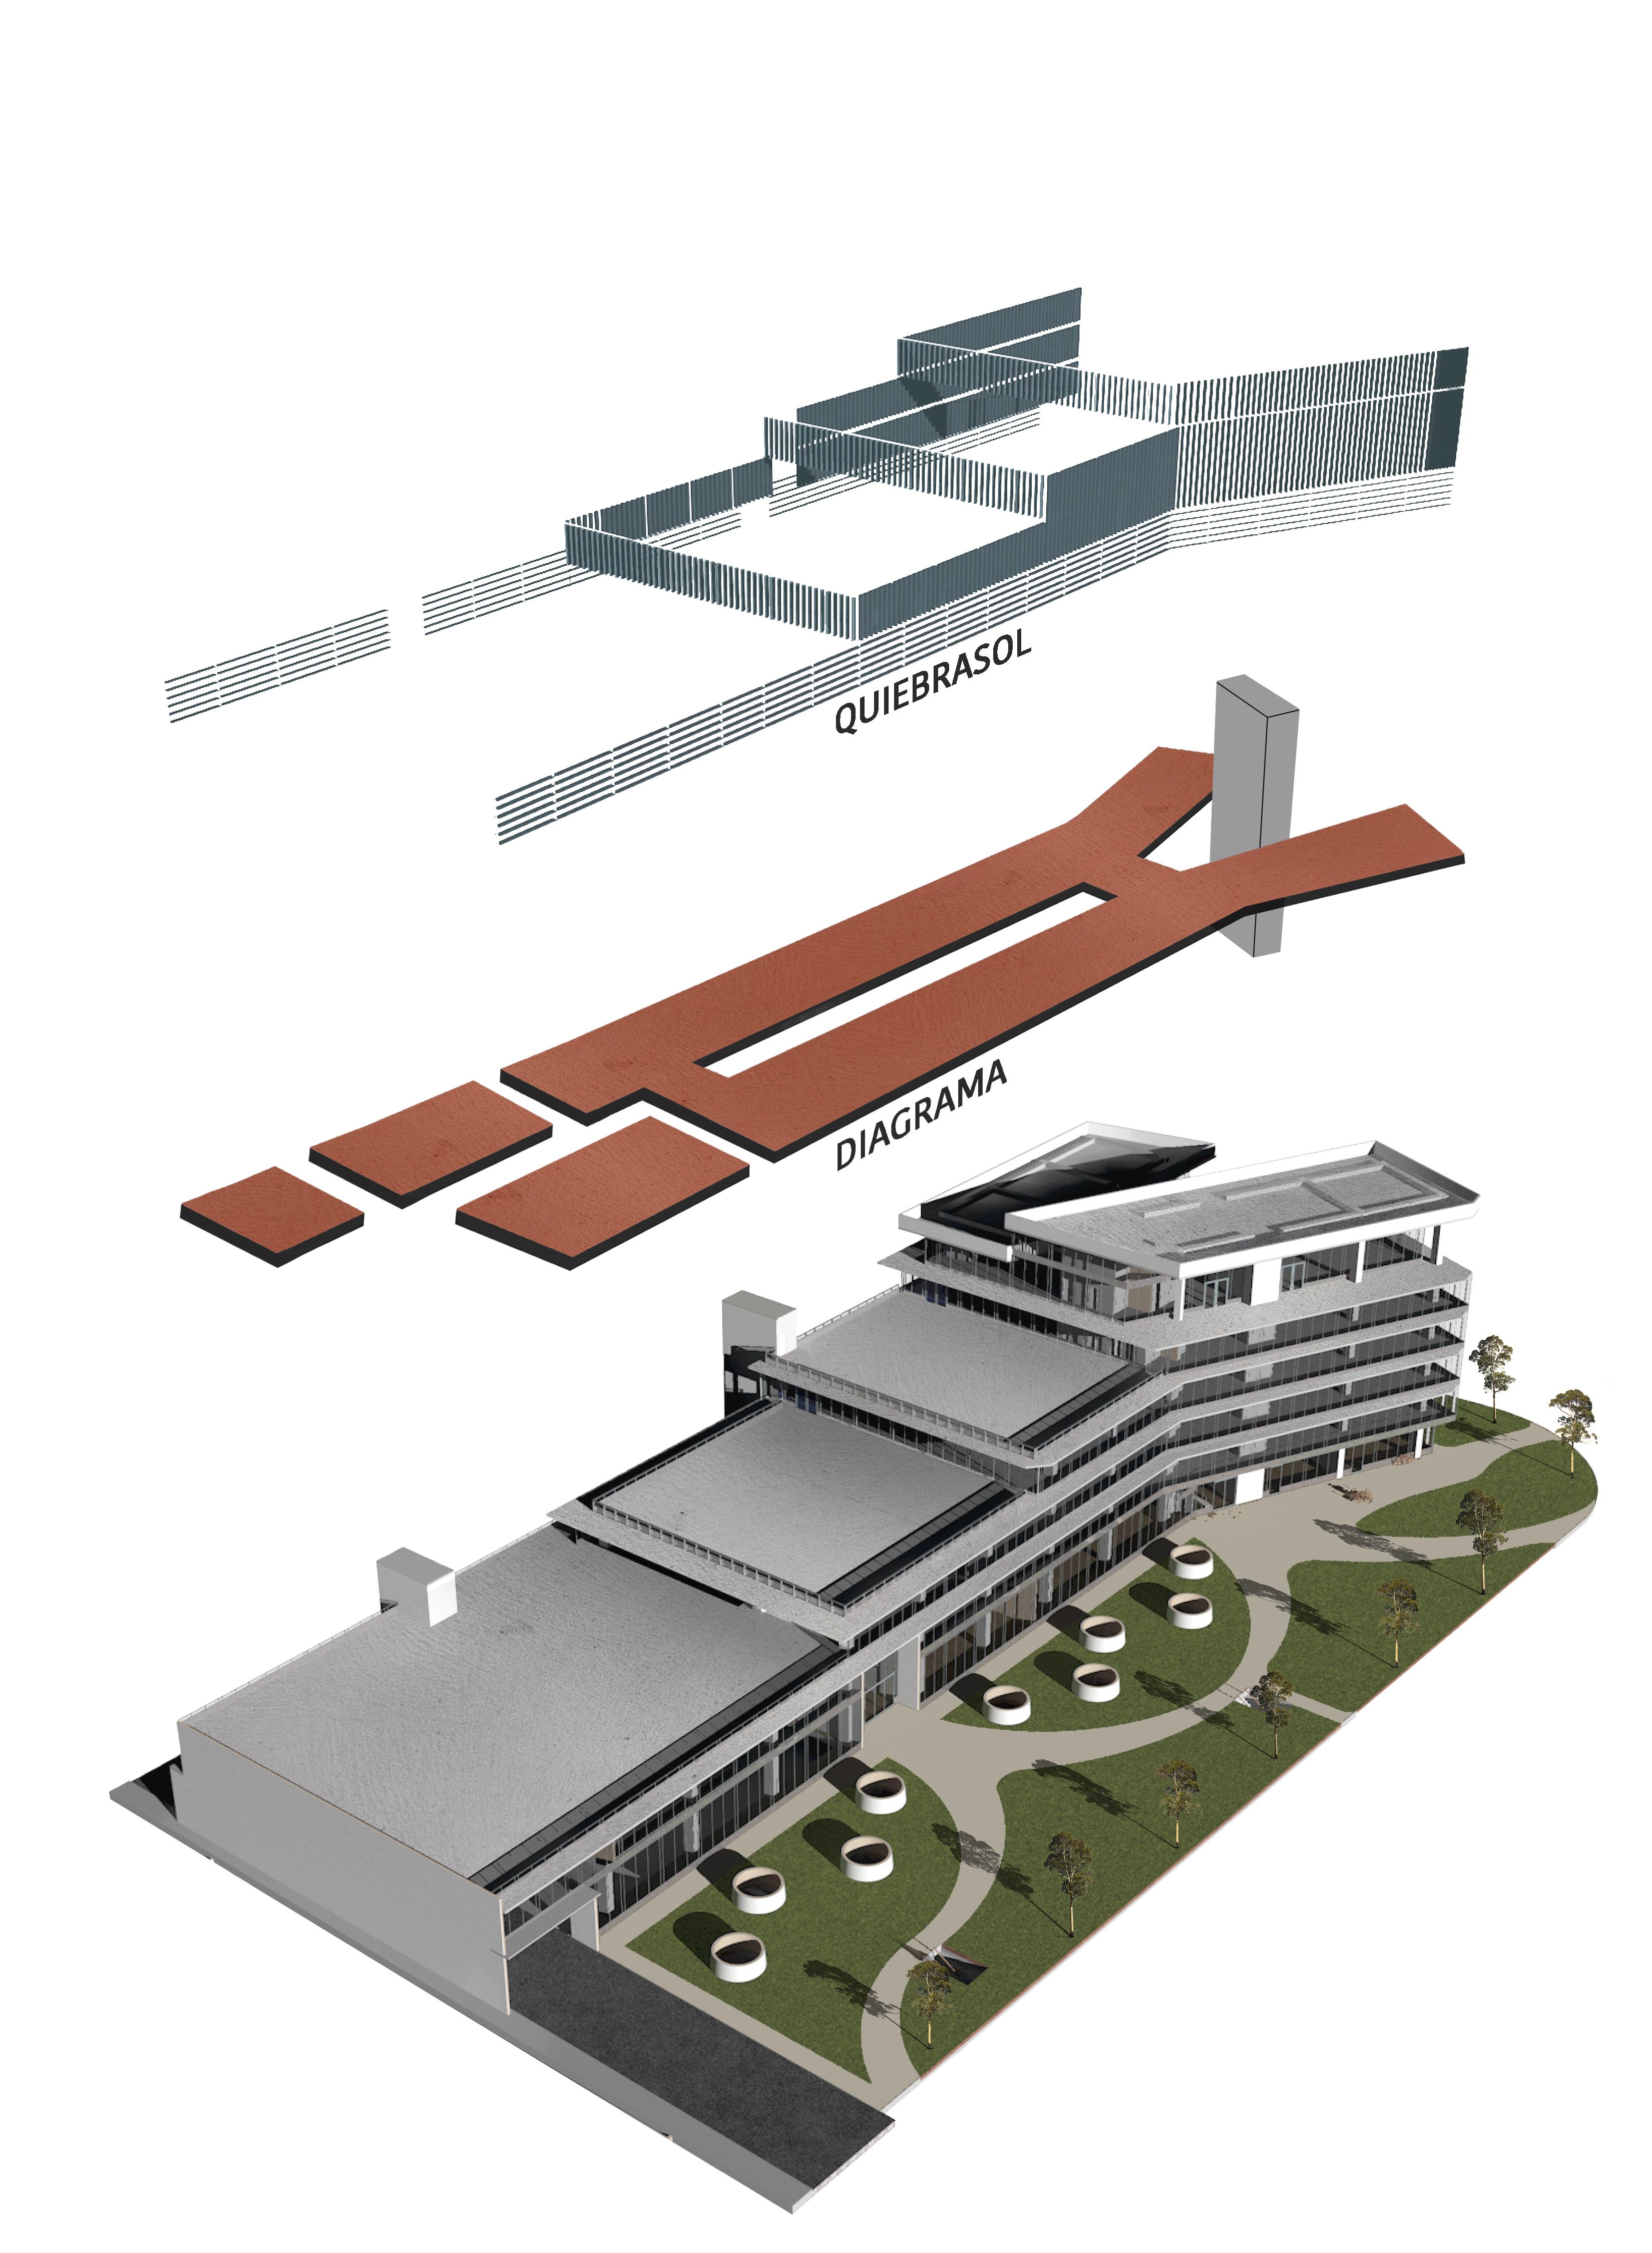 3D Diagram